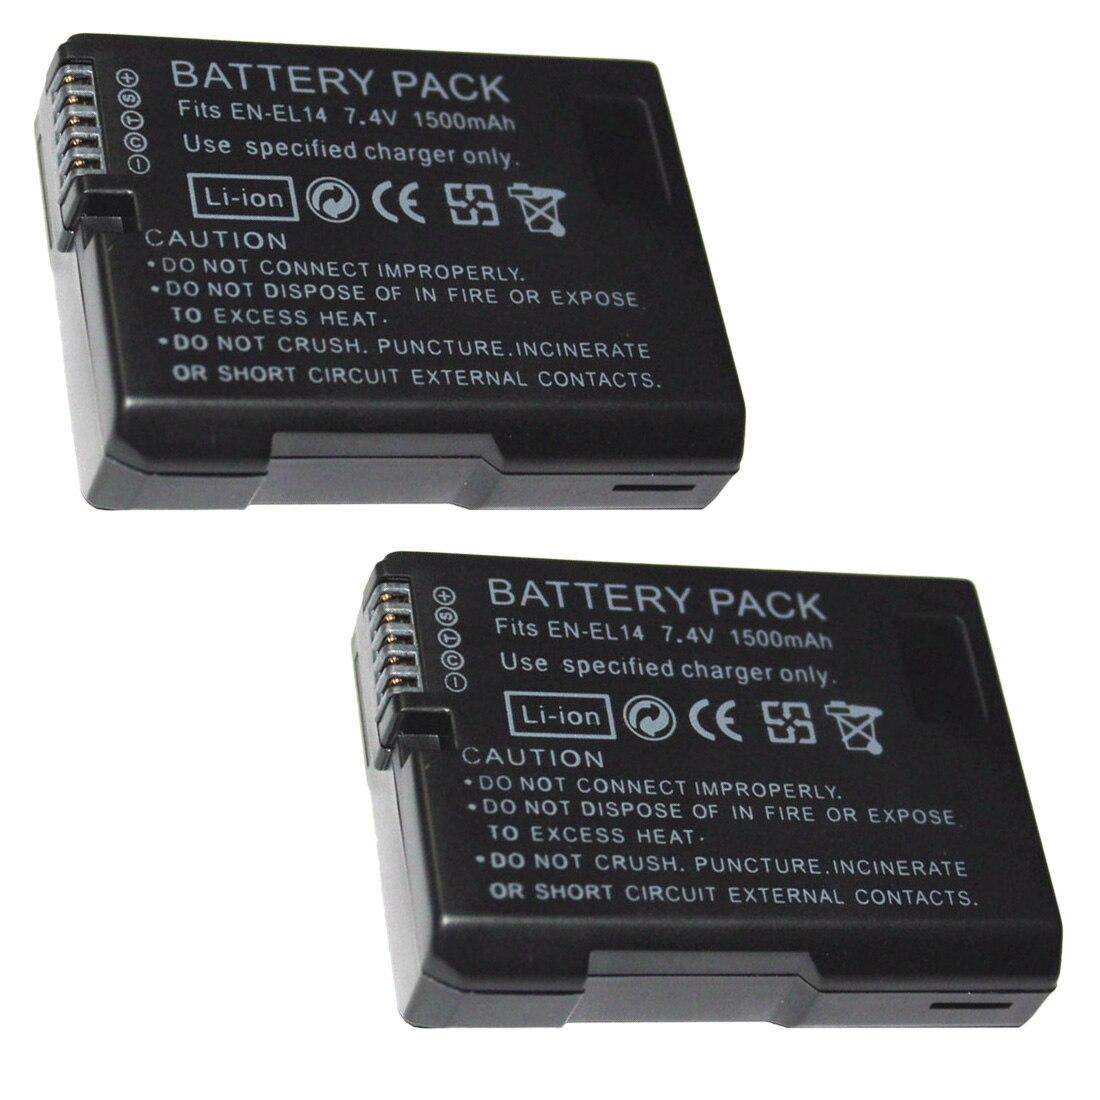 7.4 V 1500 mAh EN-EL14 Batteries ENEL14 EN EL14 Batterie Pour Appareil Photo Nikon D5200 D3100 D3200 D5100 P7000 P7100 MH-24